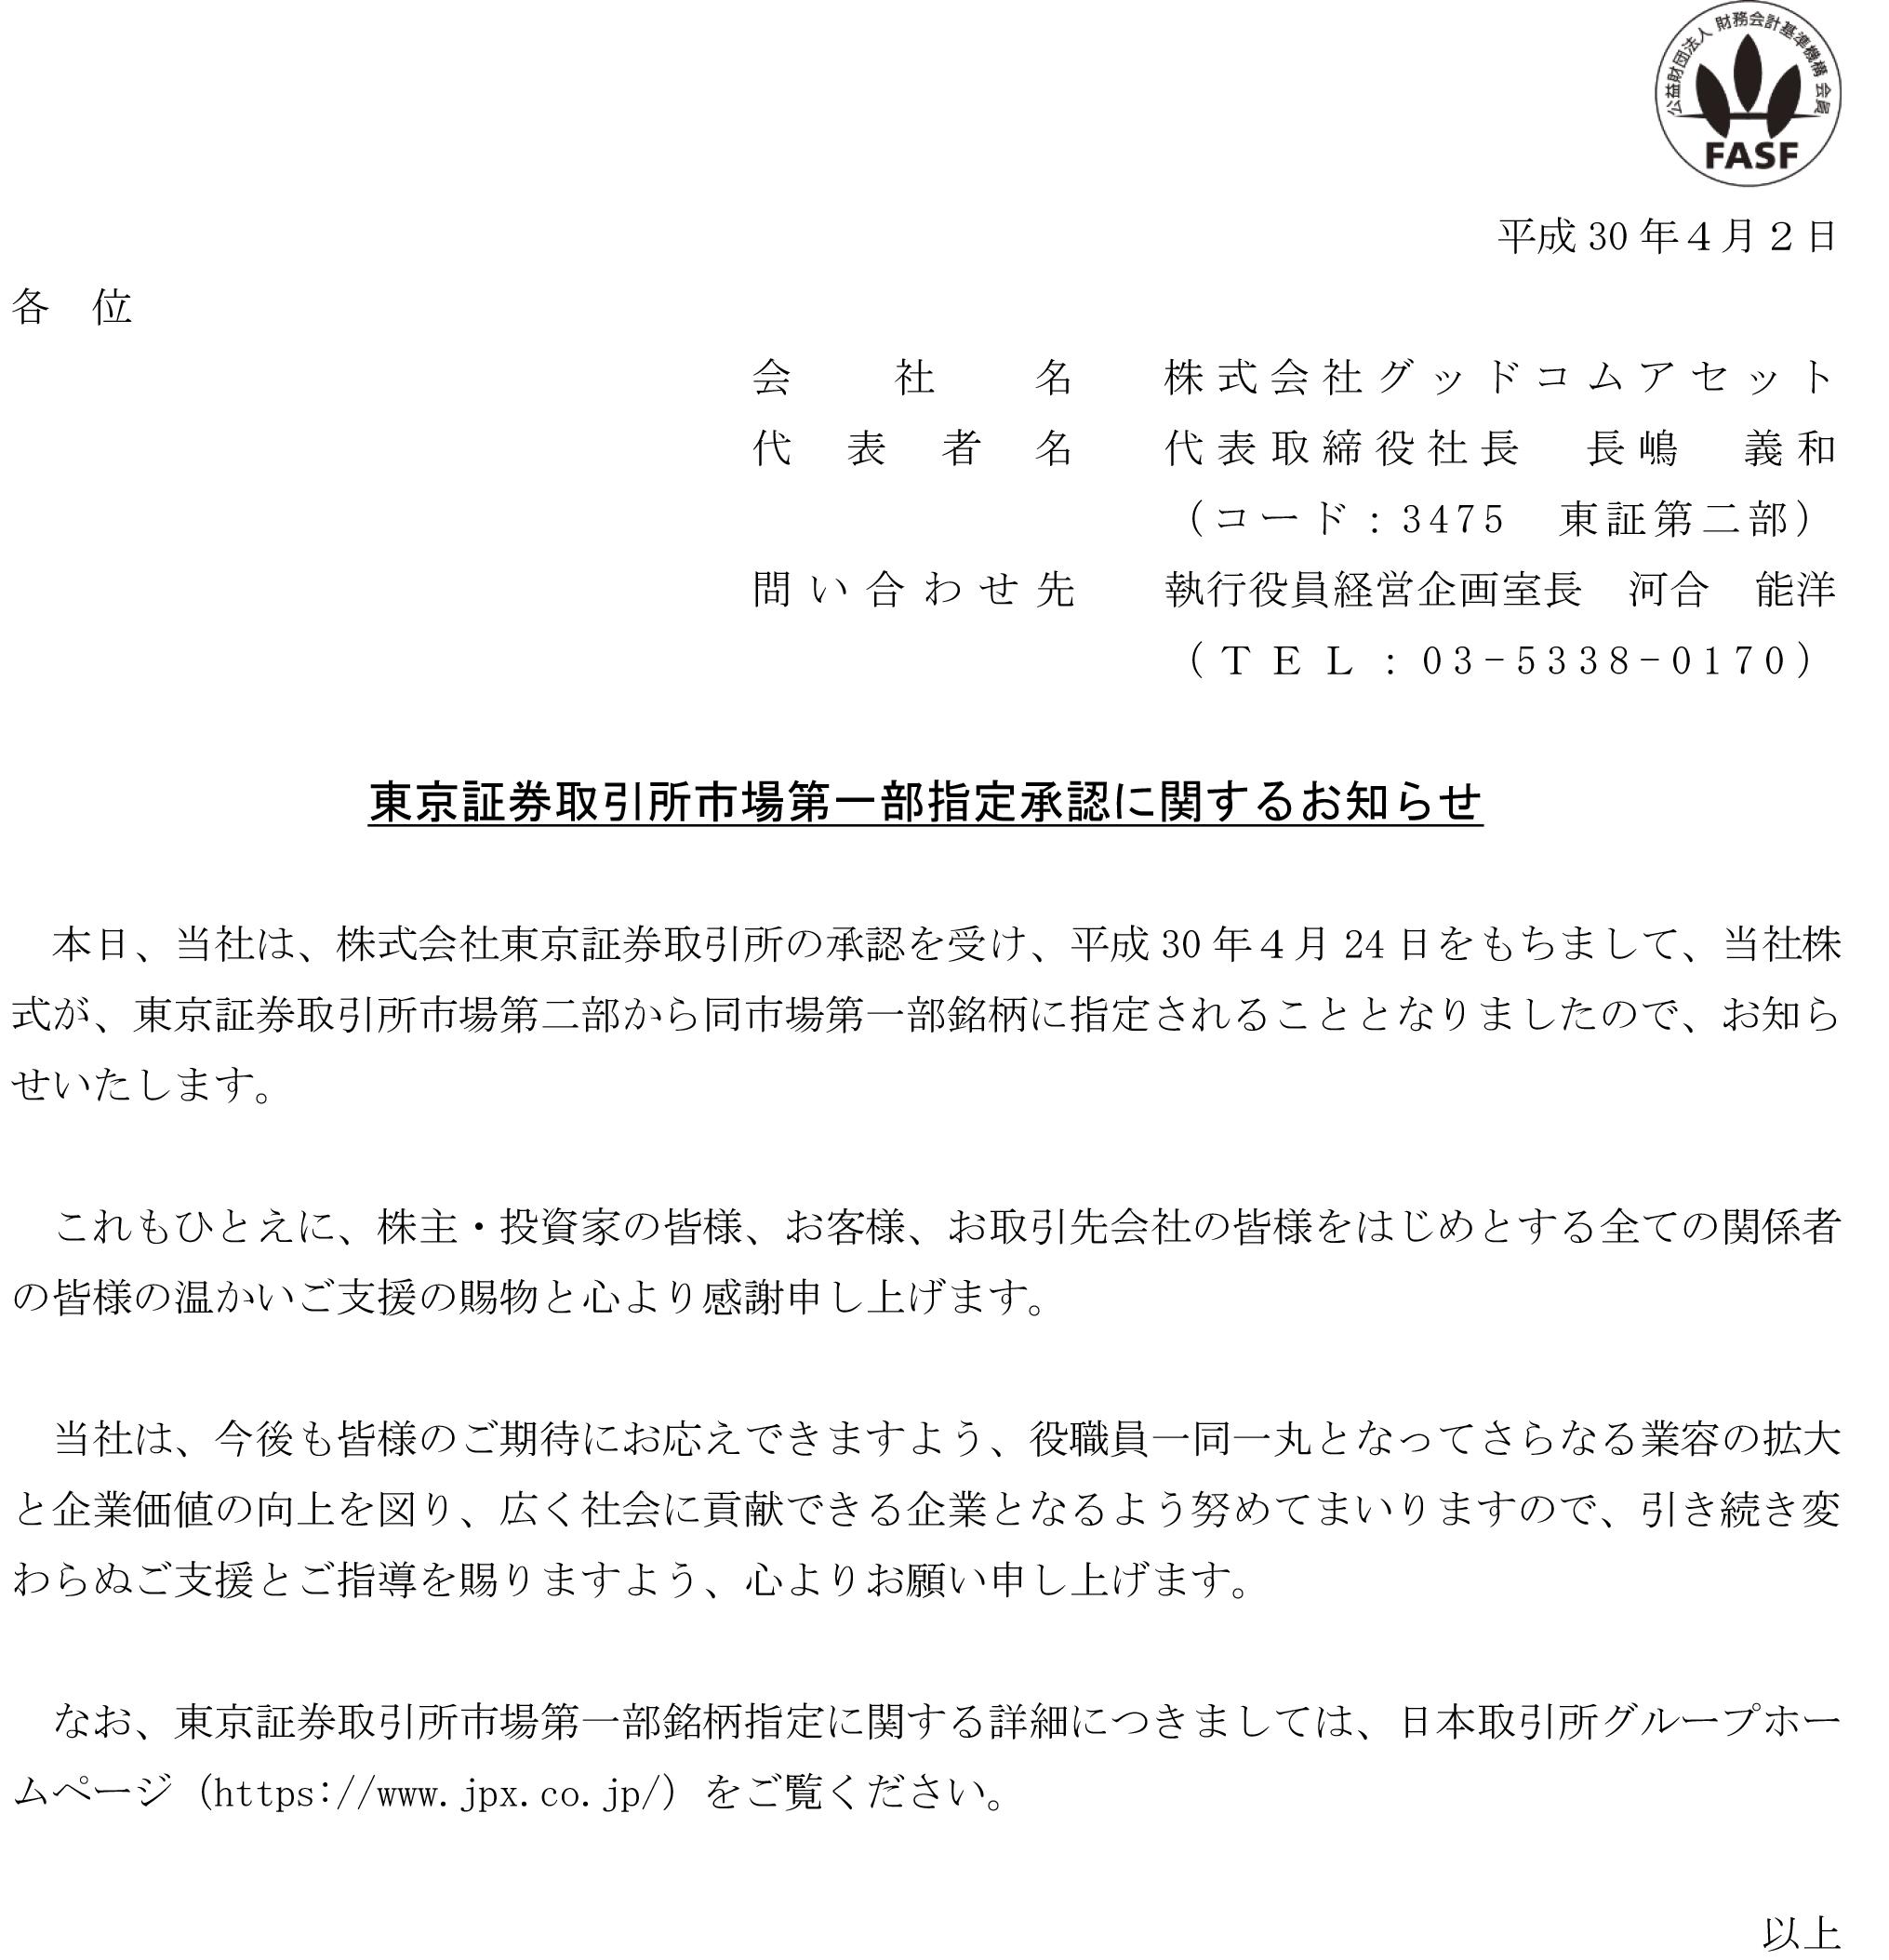 東京証券取引所市場第一部指定承認に関するお知らせ